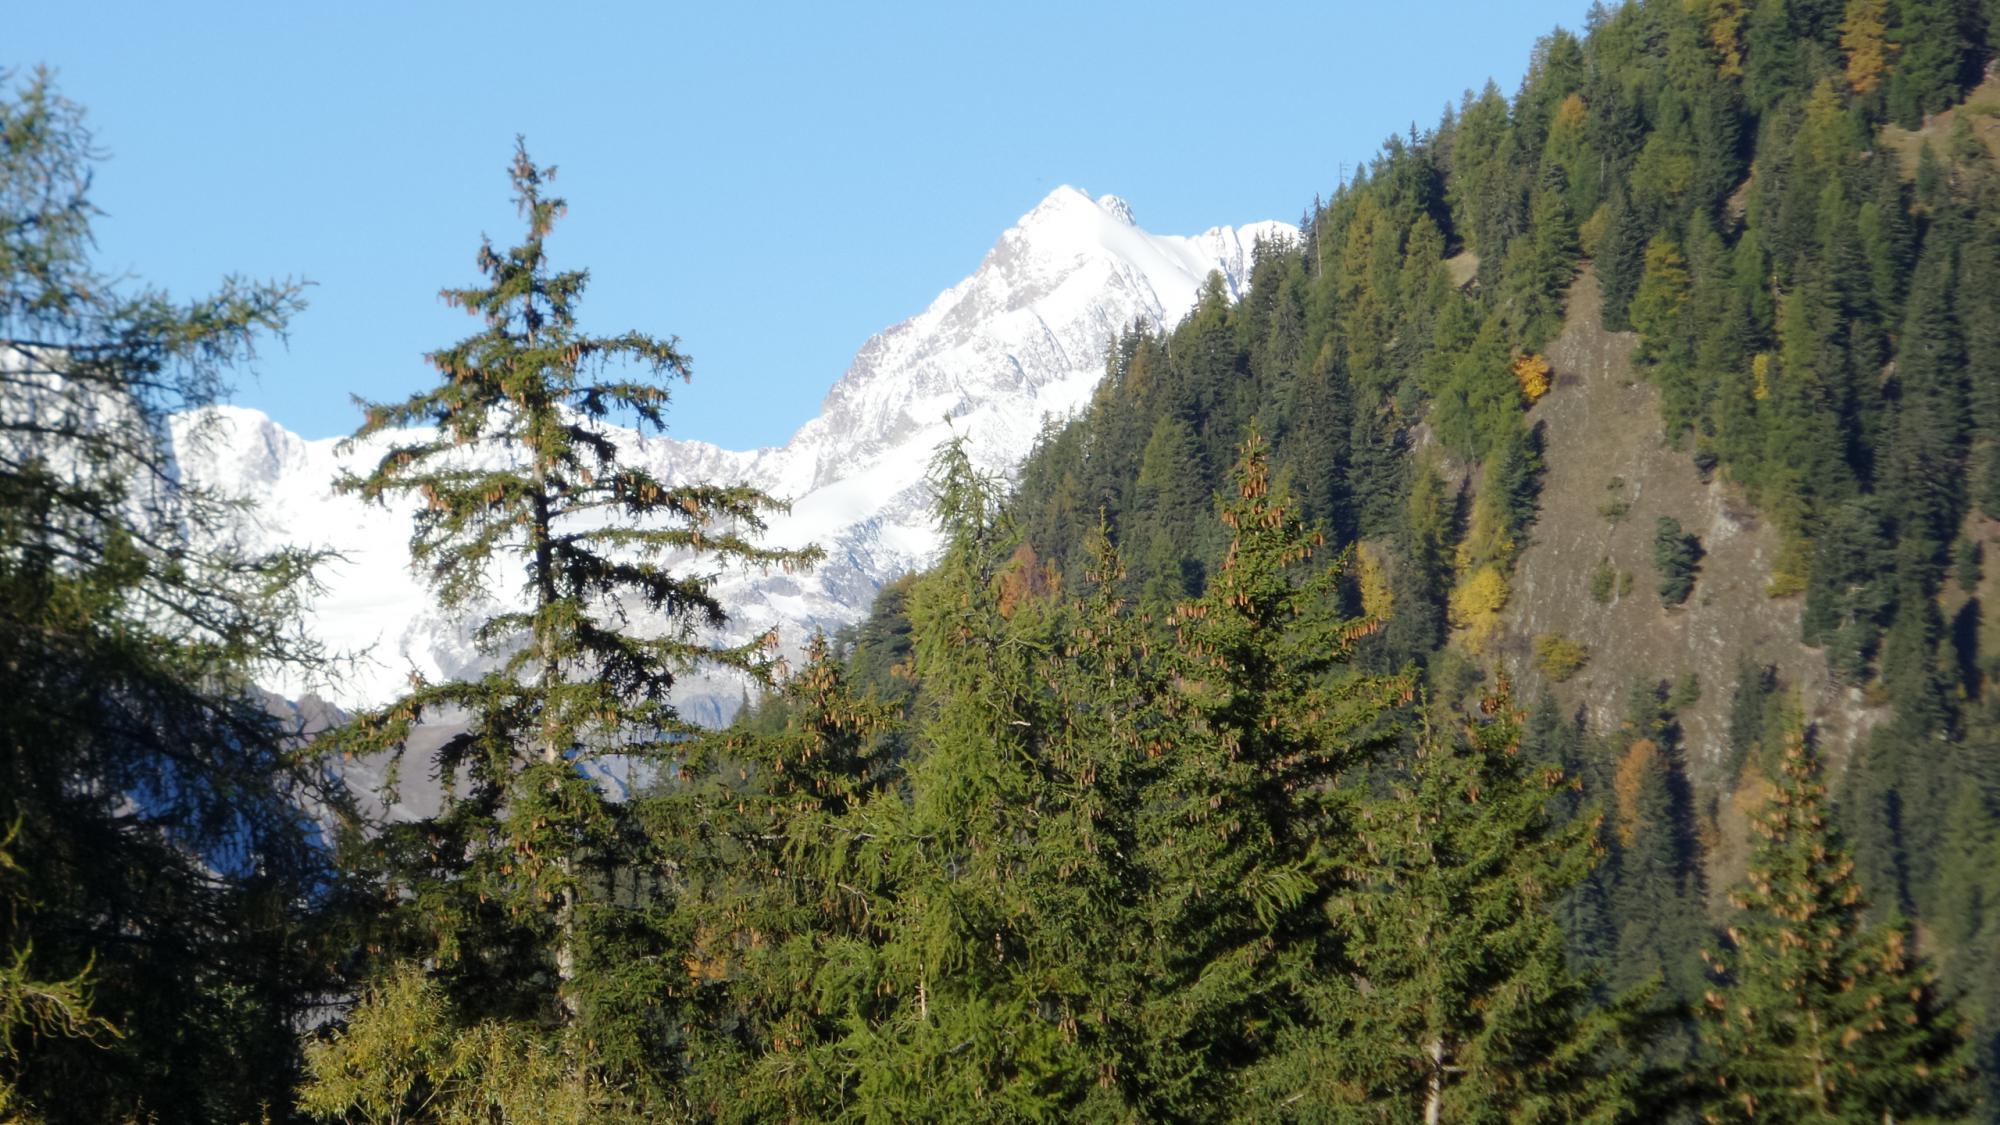 scorci di panorama dal bosco iniziale verso l'Aiguille de Trelatete